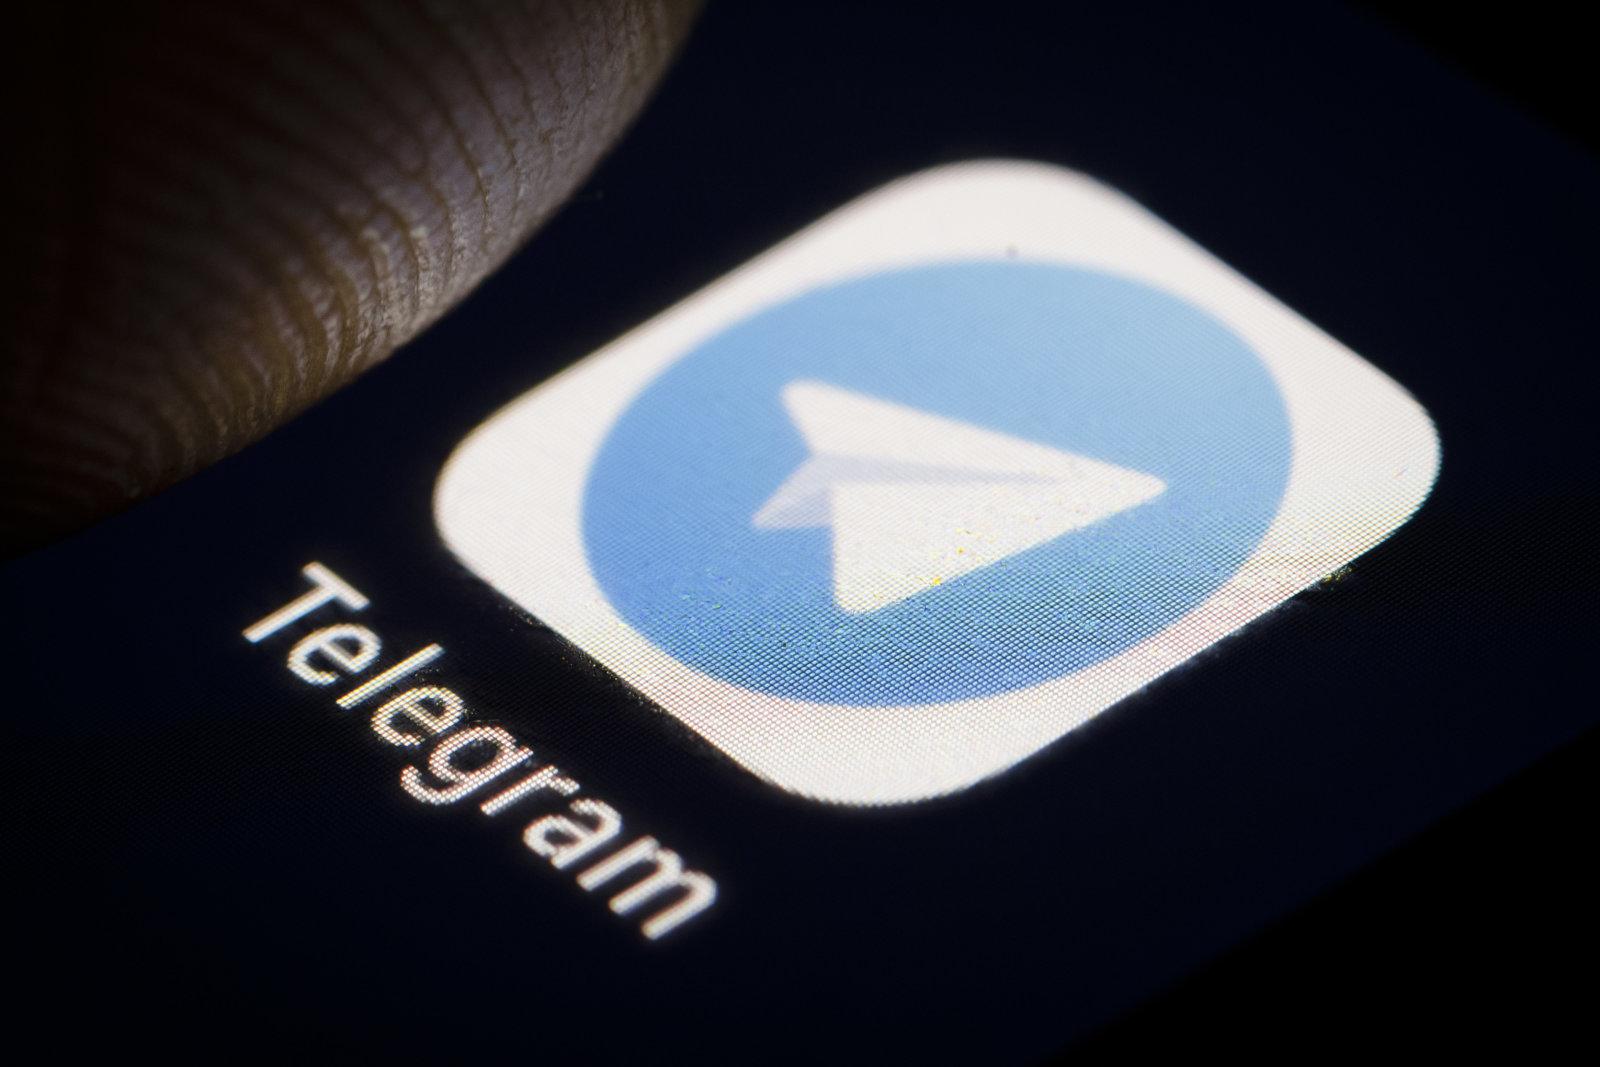 由于美国阻止代币销售,Telegram 将推迟其加密货币的发行